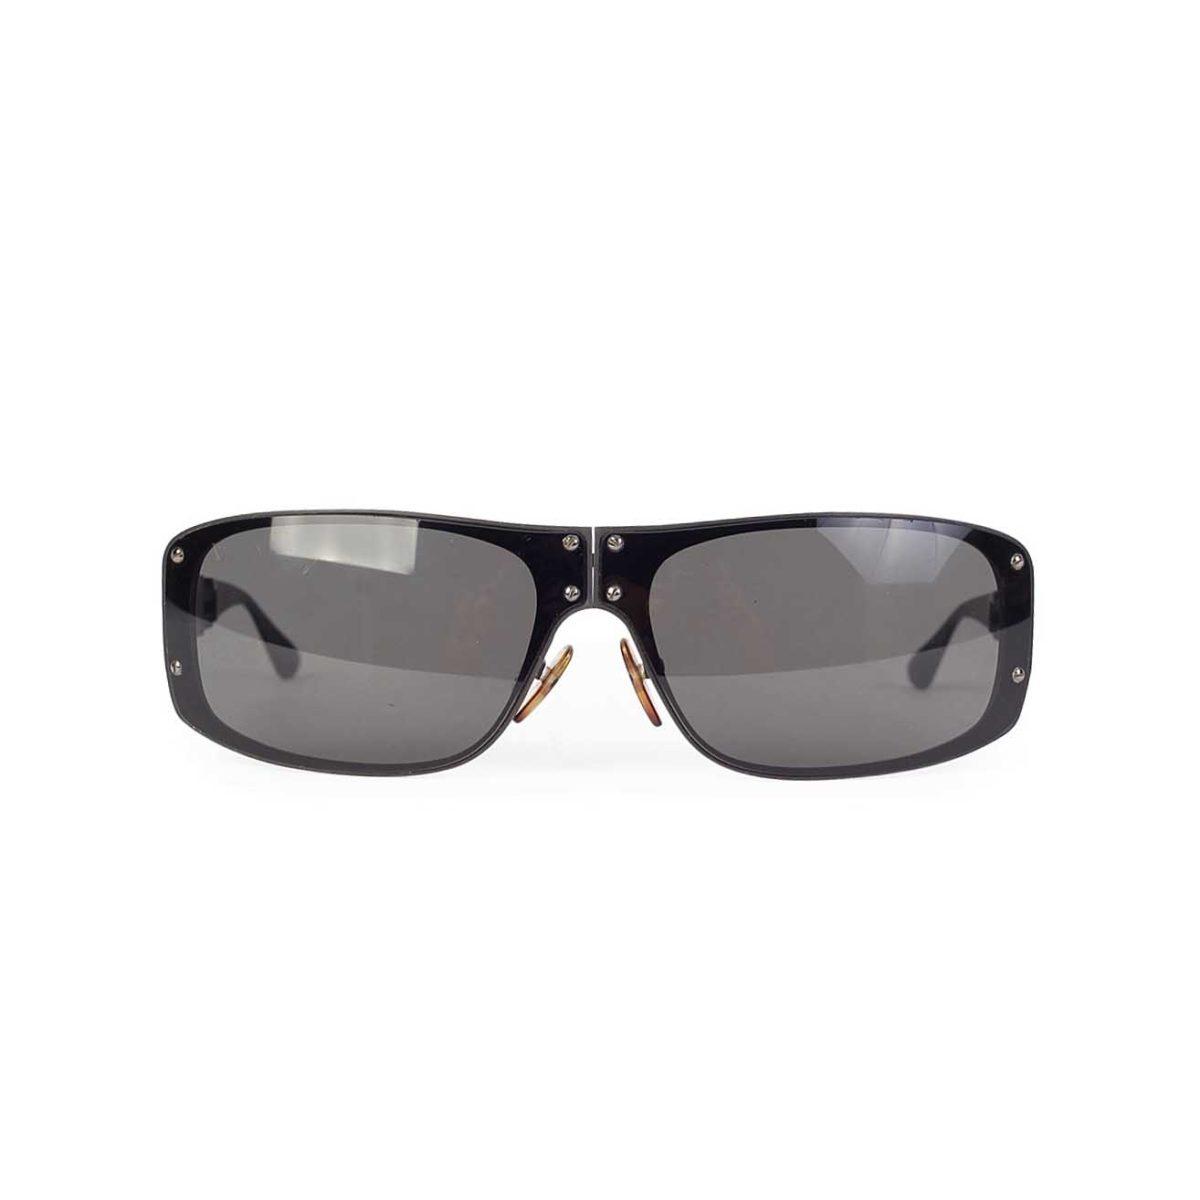 d9b1a0fc31c6 LOUIS VUITTON Men s Folding Evasion Sunglasses w Damier Graphite Case